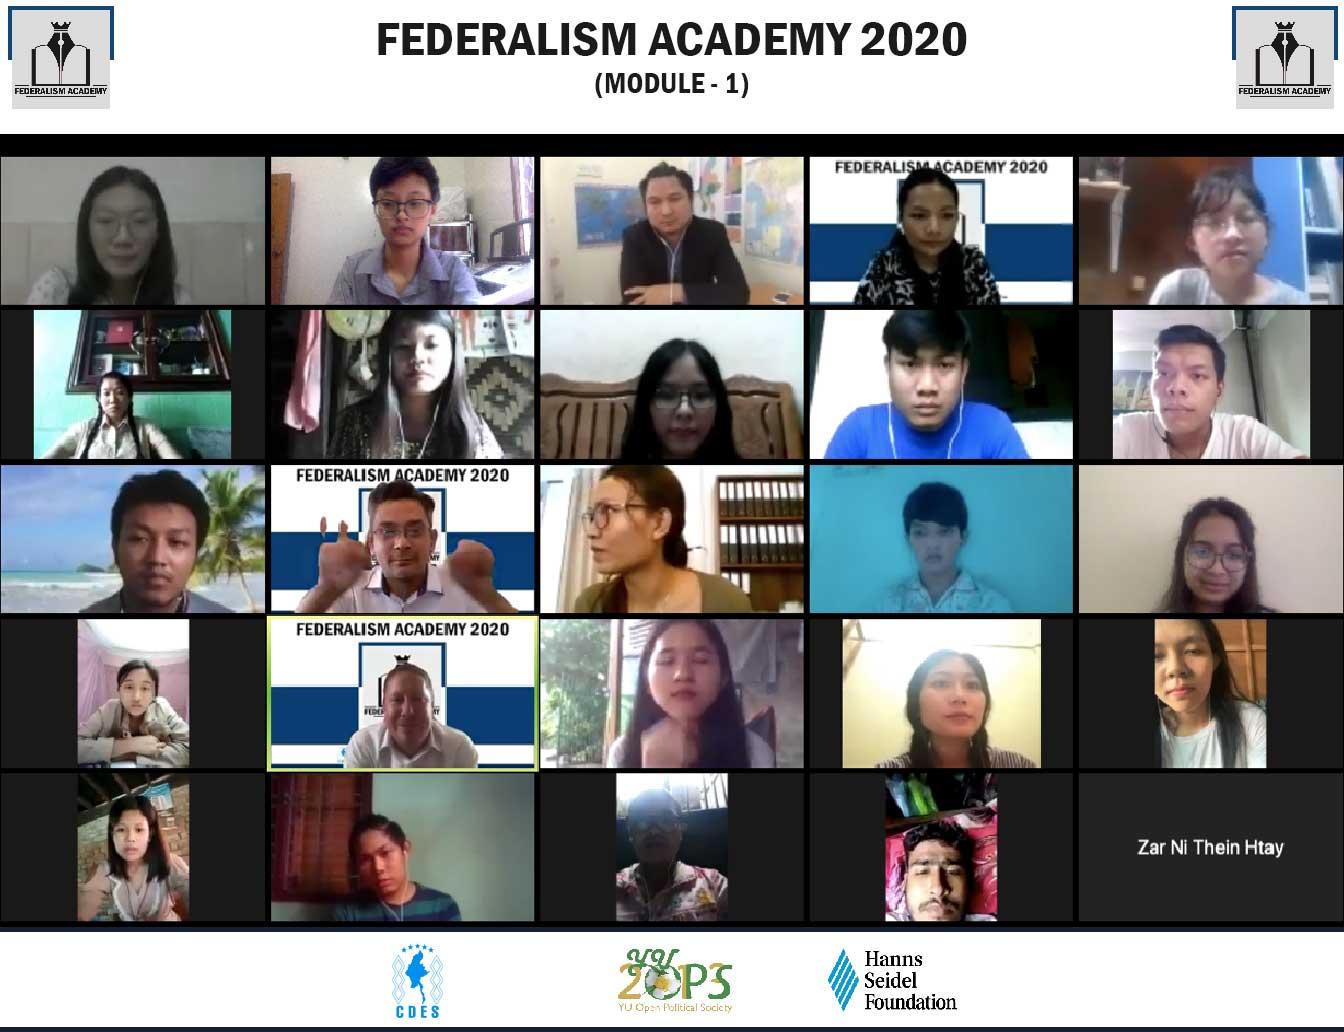 Federalism Academy 2020 (Module-1)